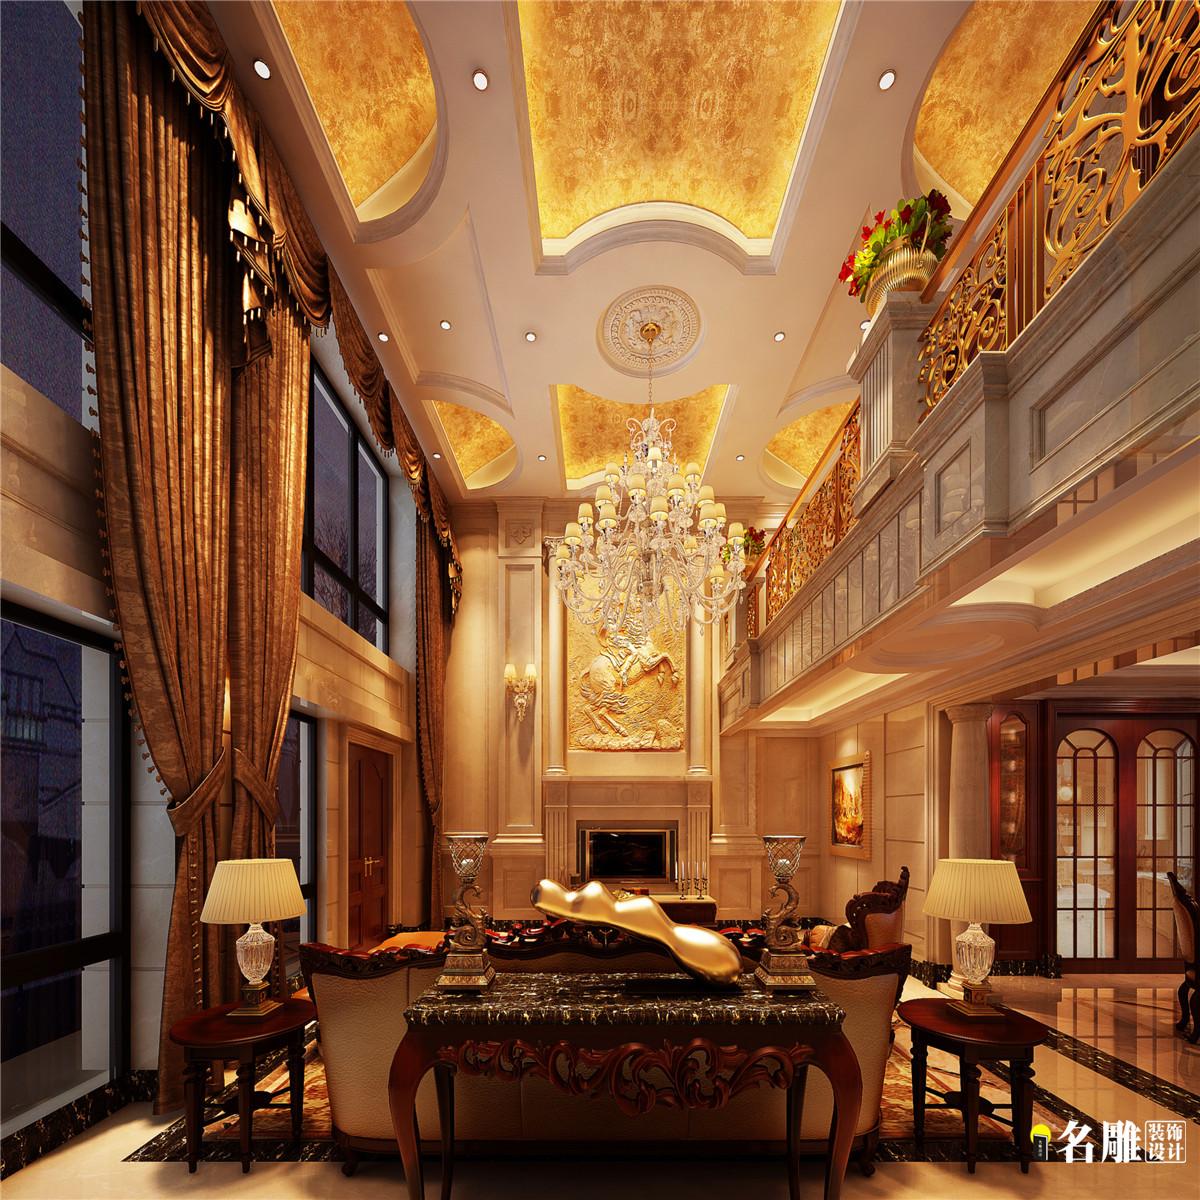 欧式 别墅 复式 300平 欧式豪宅 名雕装饰 深房传麒山 客厅图片来自名雕装饰设计在深房传麒山欧式别墅的分享